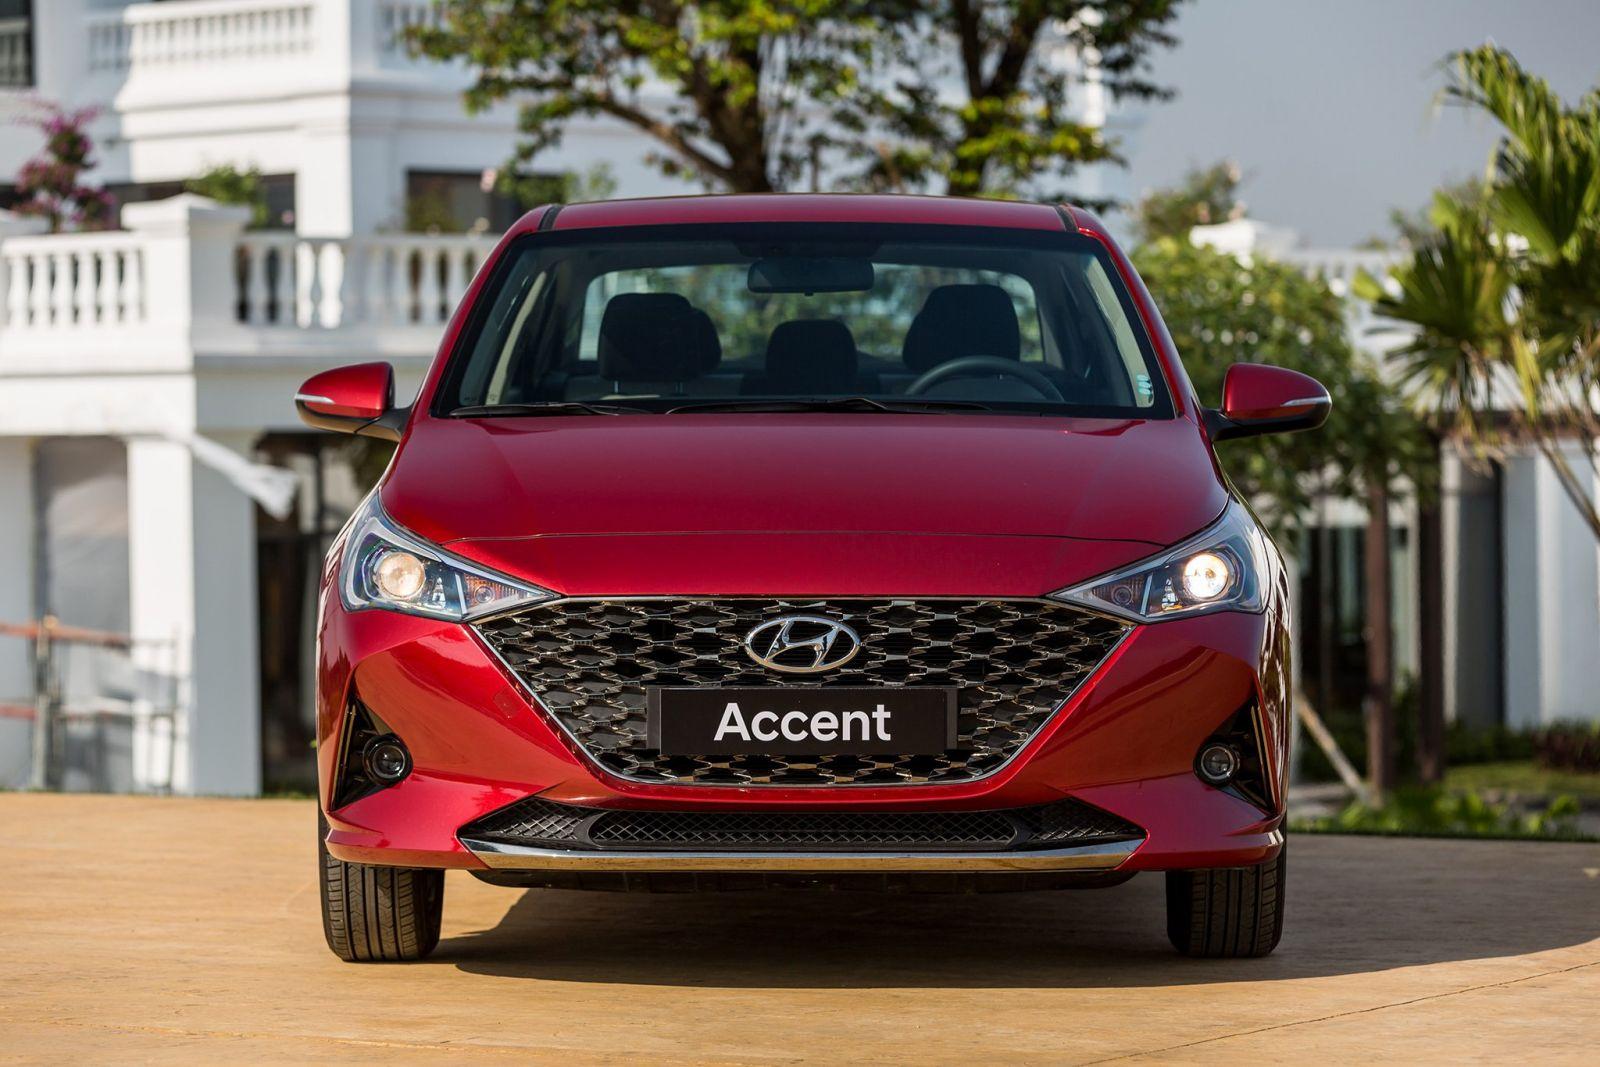 Hyundai Accent 1.4 AT đặc biệt 542 triệu